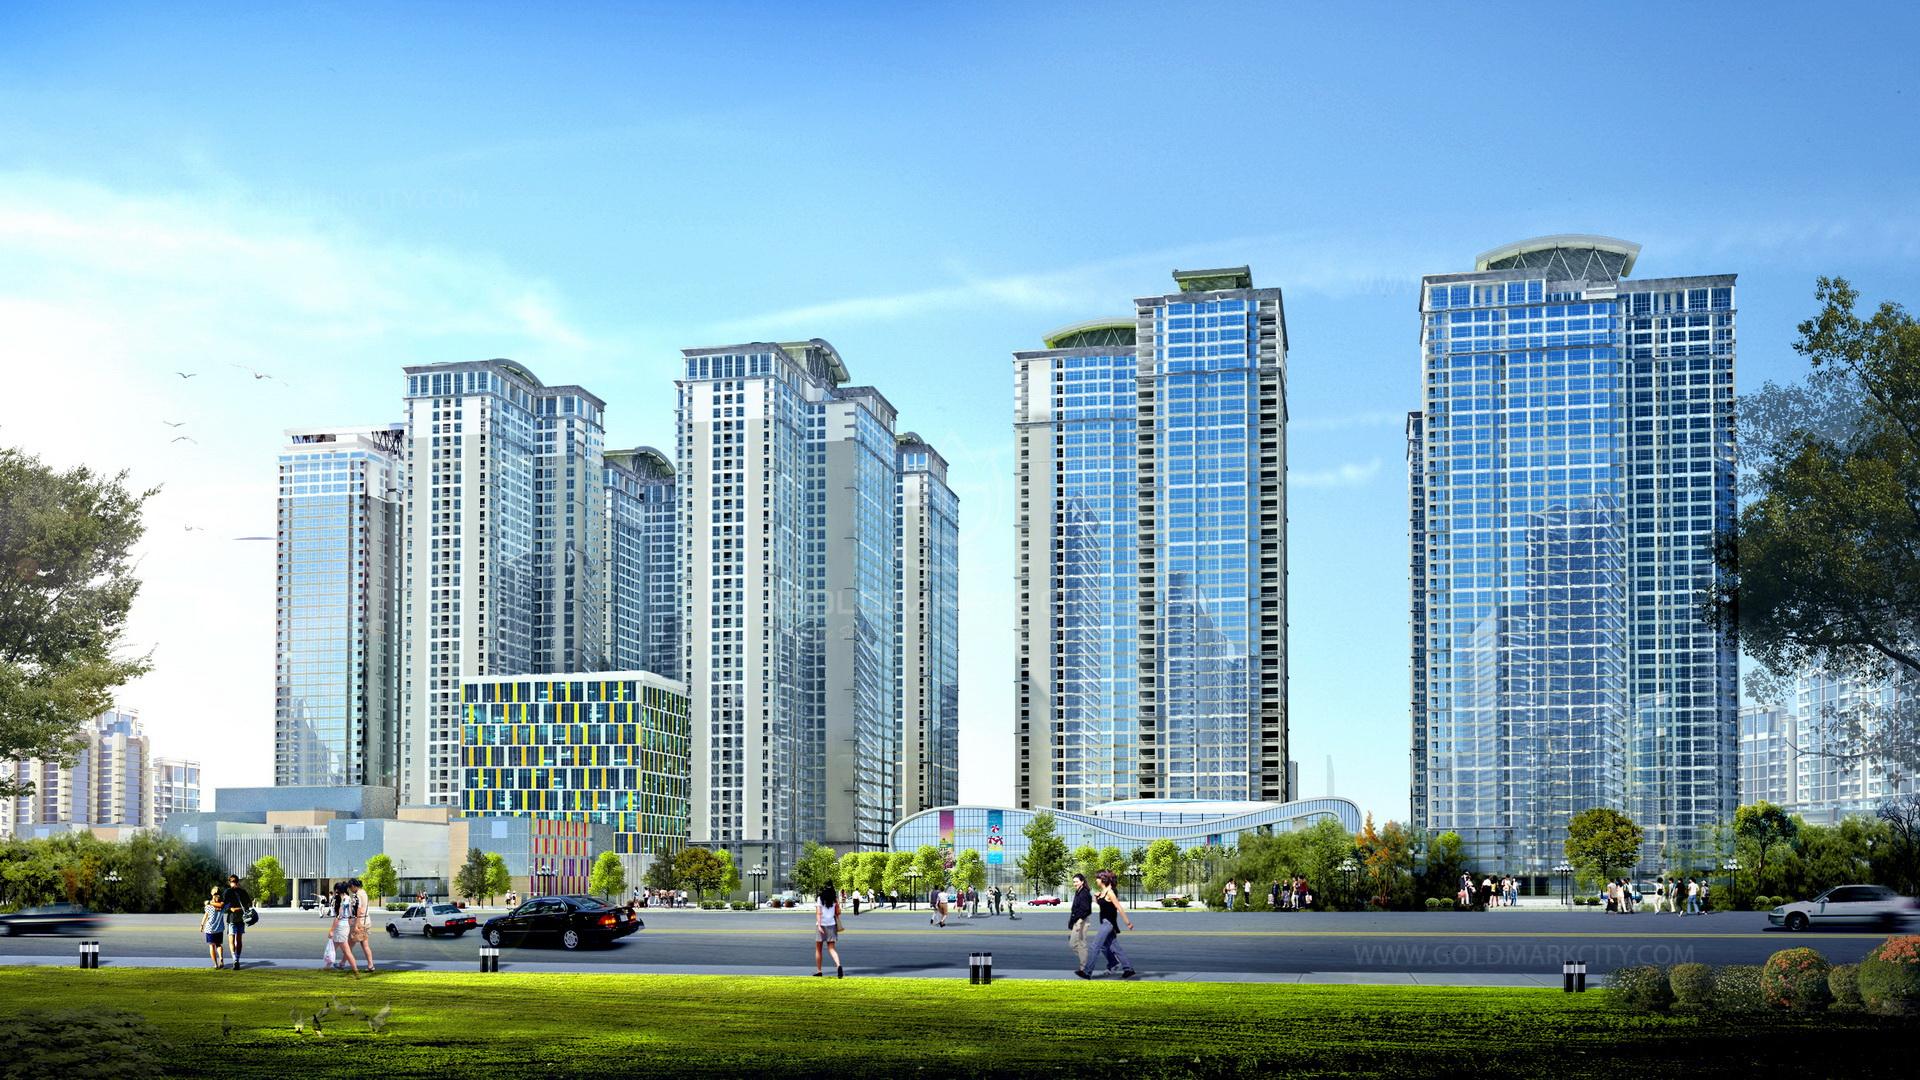 Thiết kế nội thất chưng cư GoldMark city